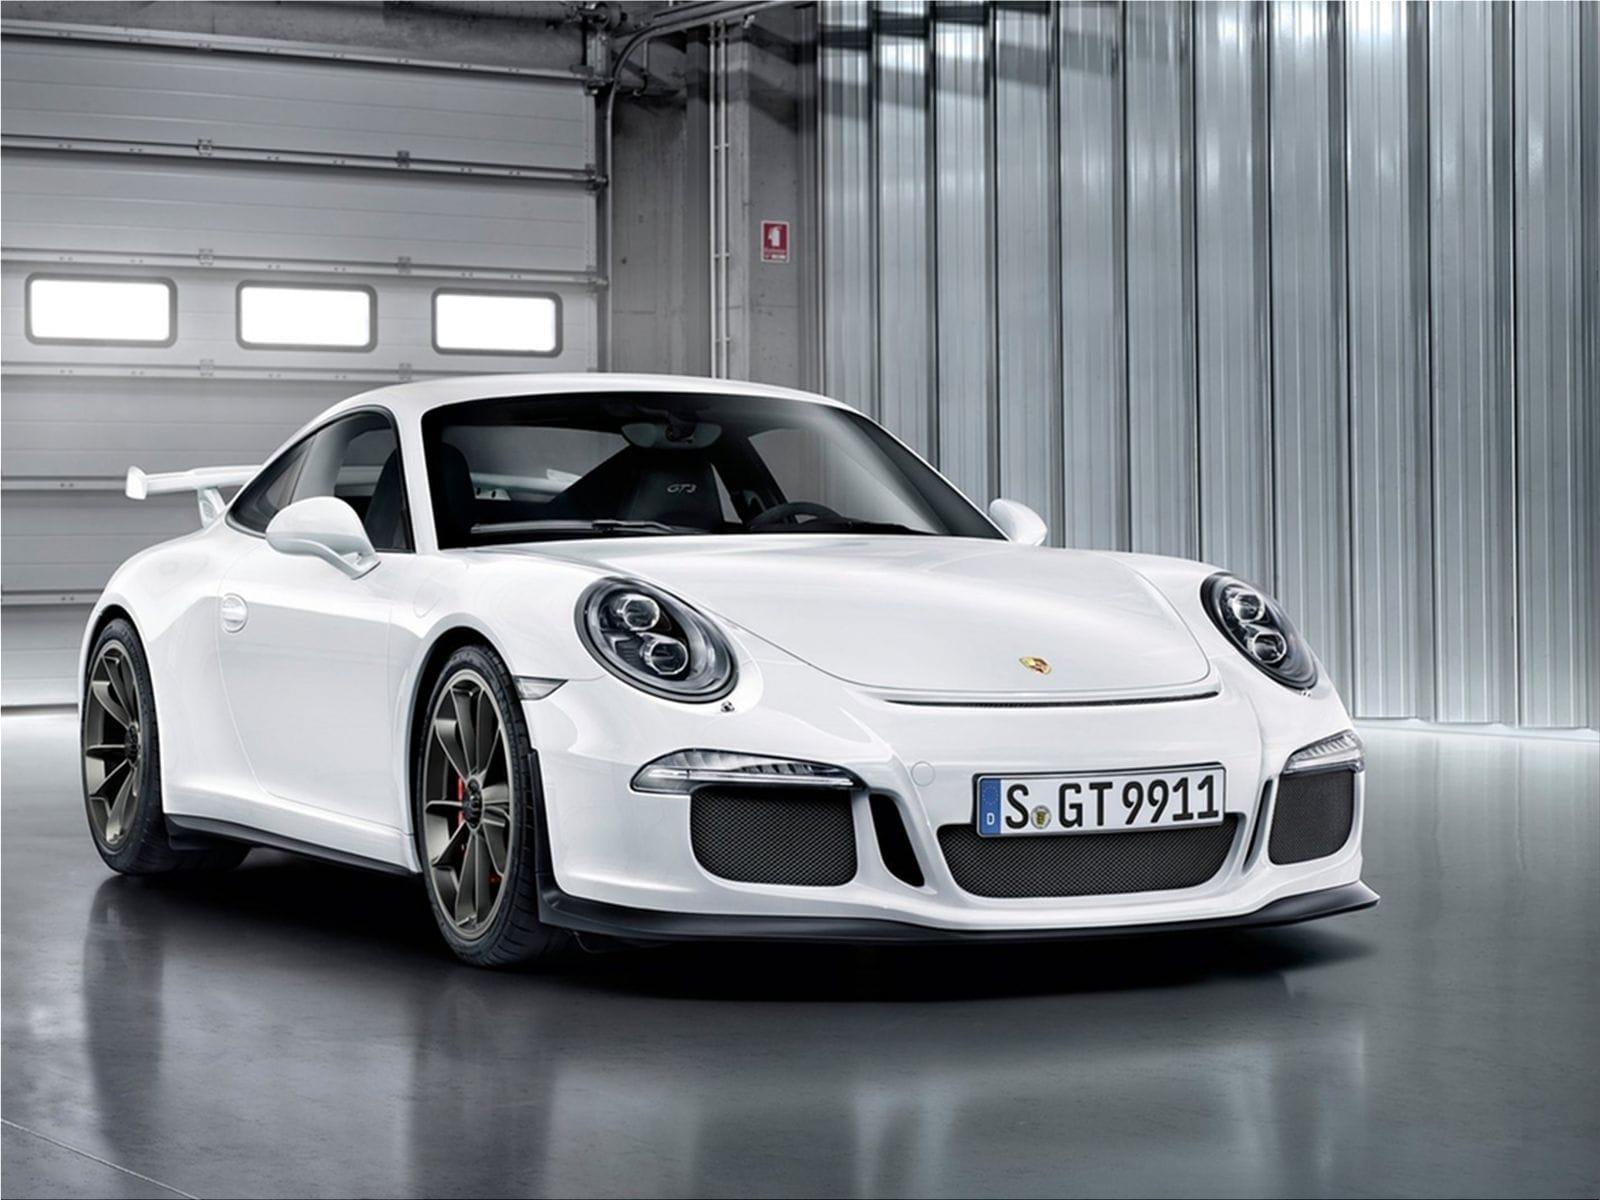 The new 2014 Porsche 911 GT3 Photos and Info|Porsche car pictures